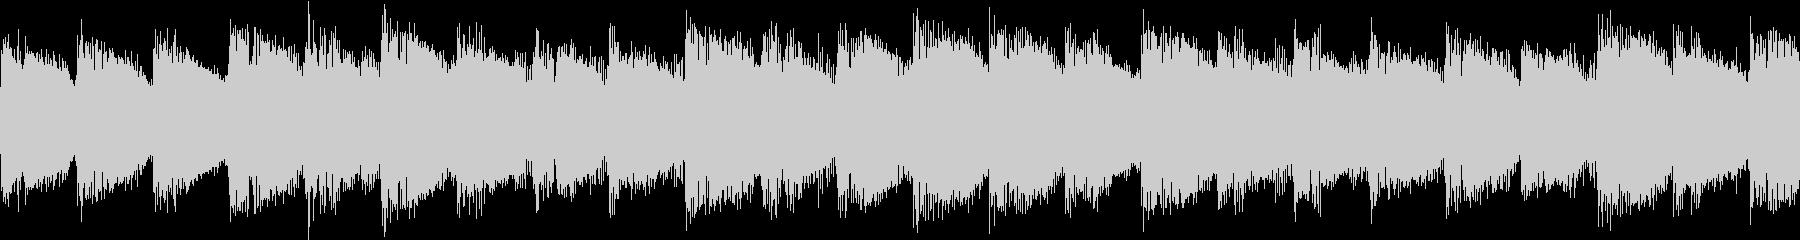 シンセ サイレン アナログ ピコピコ08の未再生の波形